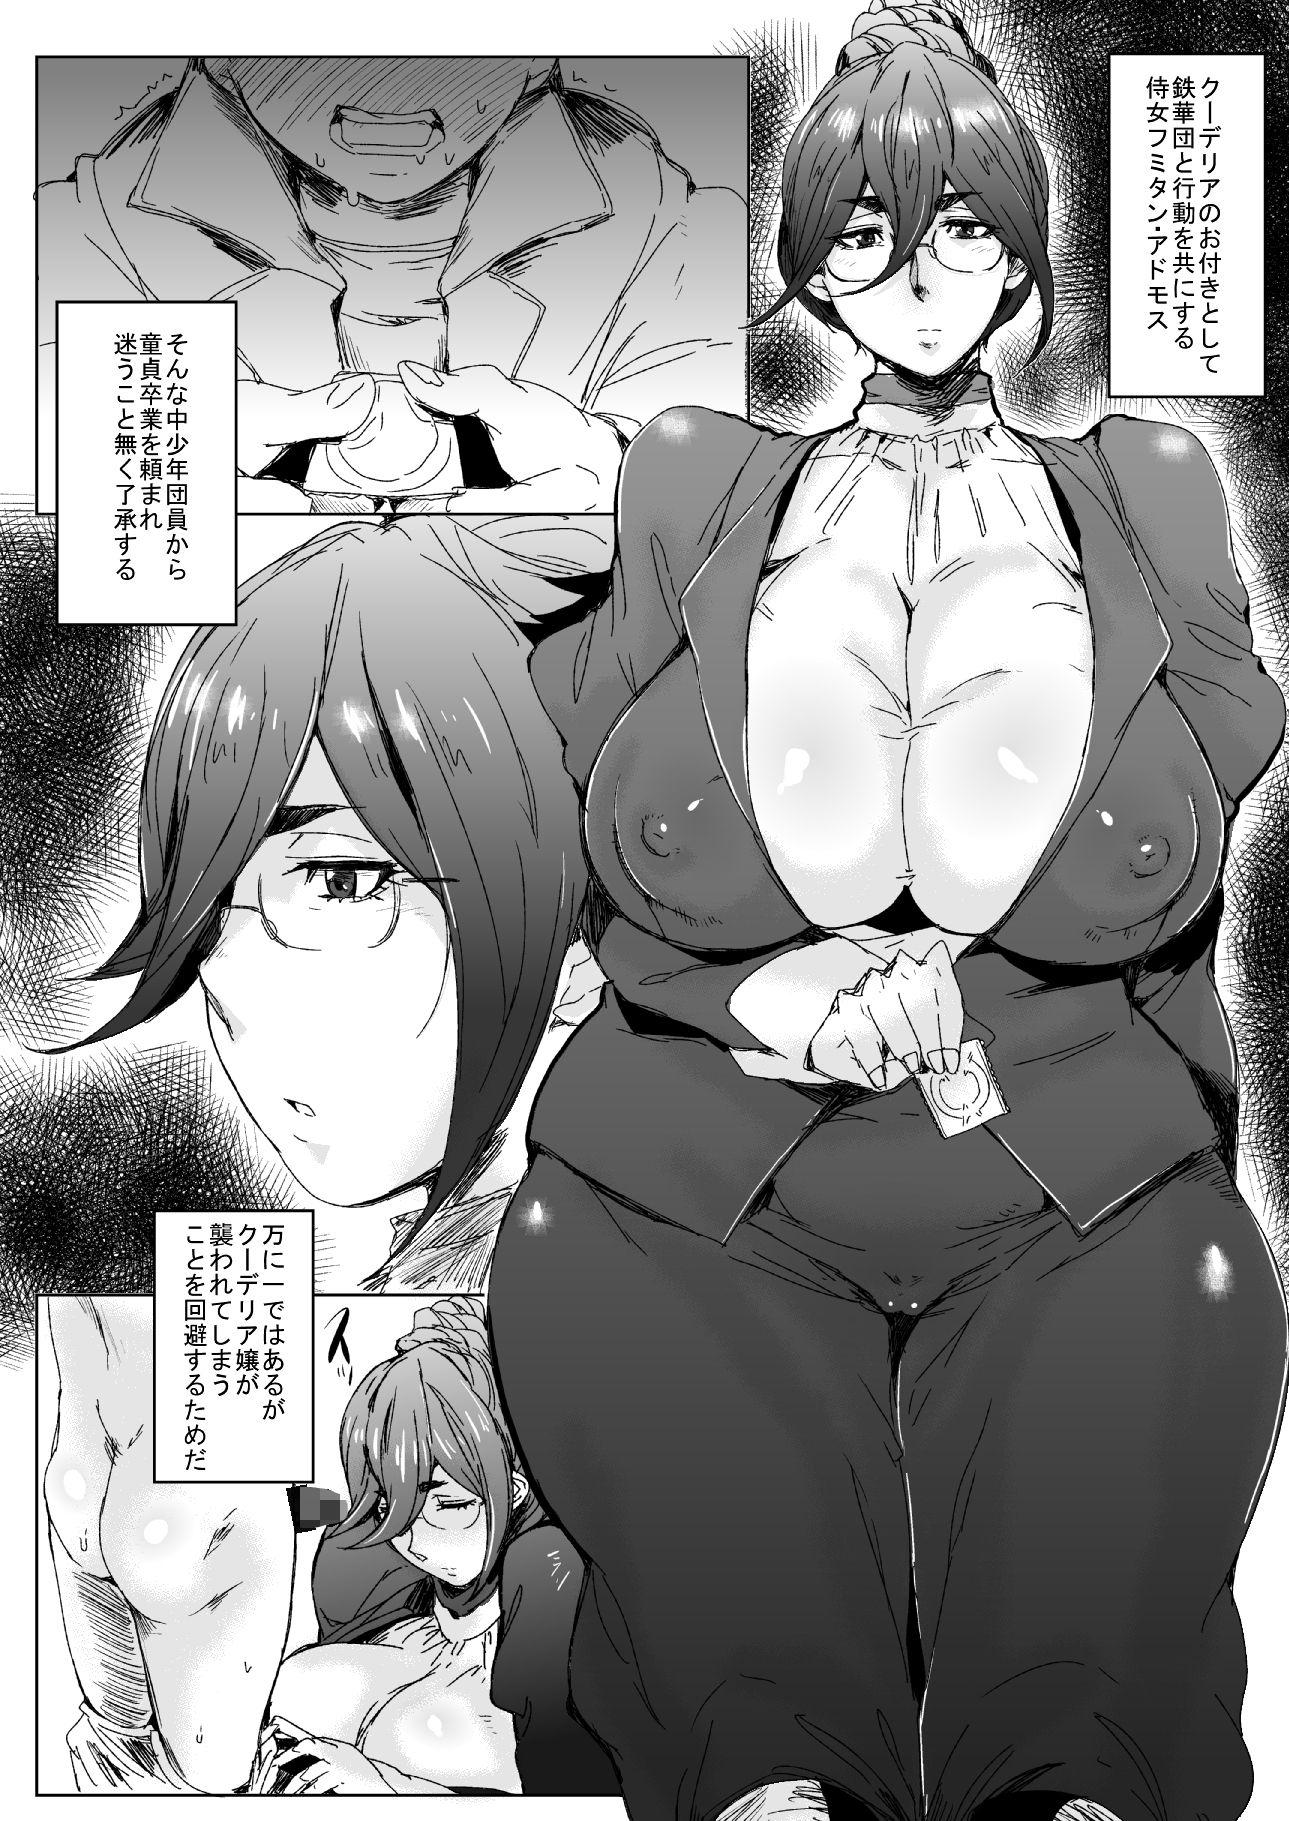 【∀ガンダム 同人】御奉仕フミタンチン食いのズコバコス